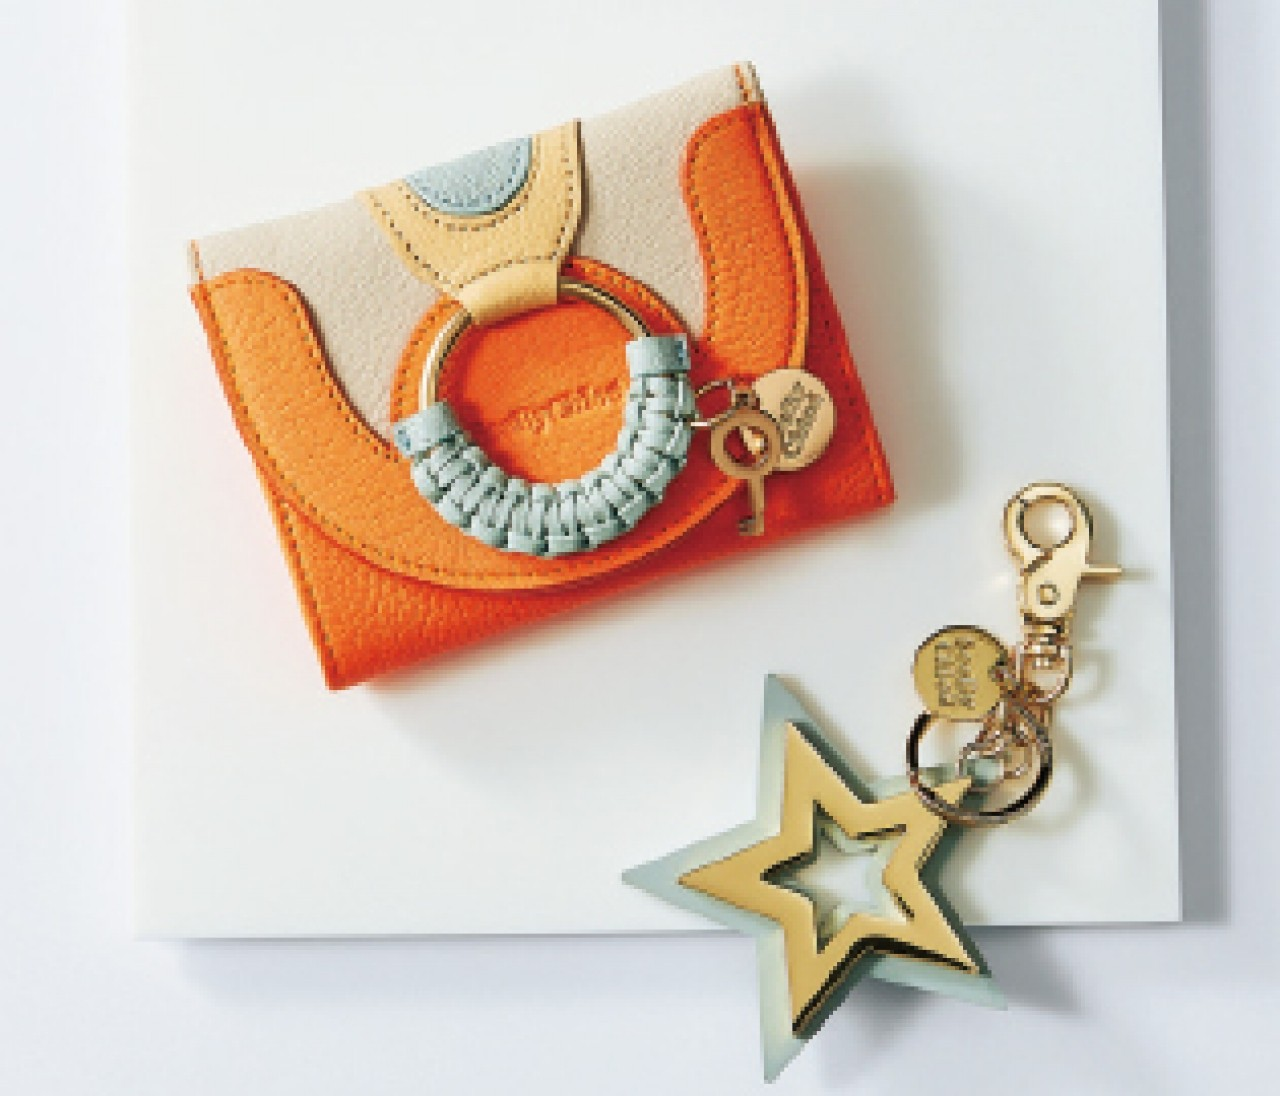 【SEE BY CHLOÉ】可愛く目立つデザインはバッグの中でもすぐ見つかる!スモールレザーグッズ⑪